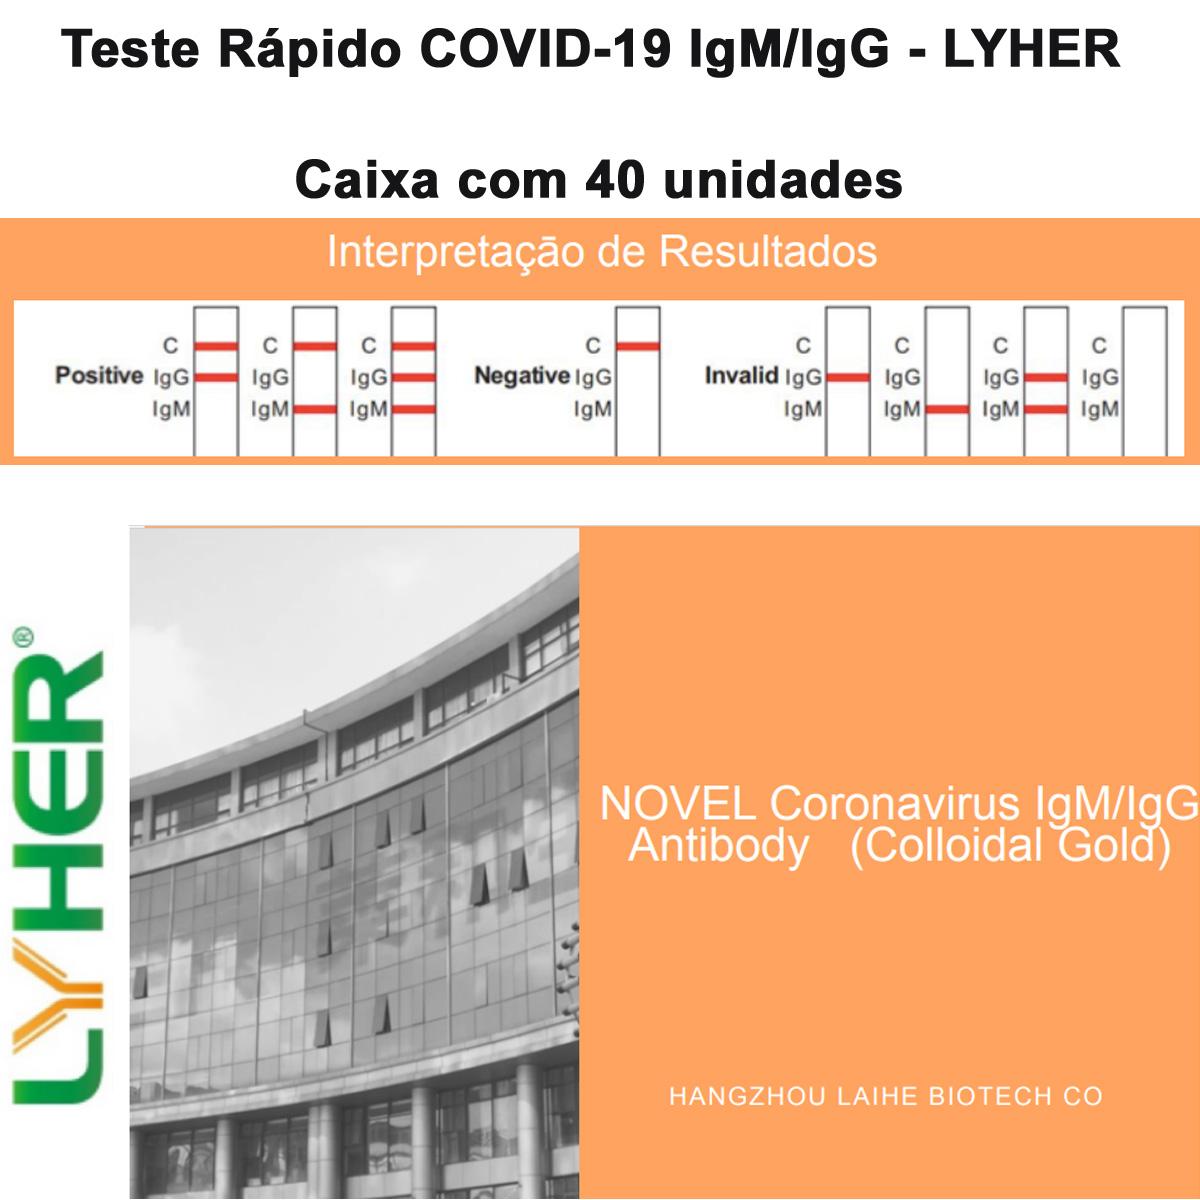 Teste Rápido COVID-19 IgM/IgG - LYHER - Caixa com 40 unidades  - Loja Saúde - Diagnósticos e Produtos Naturais